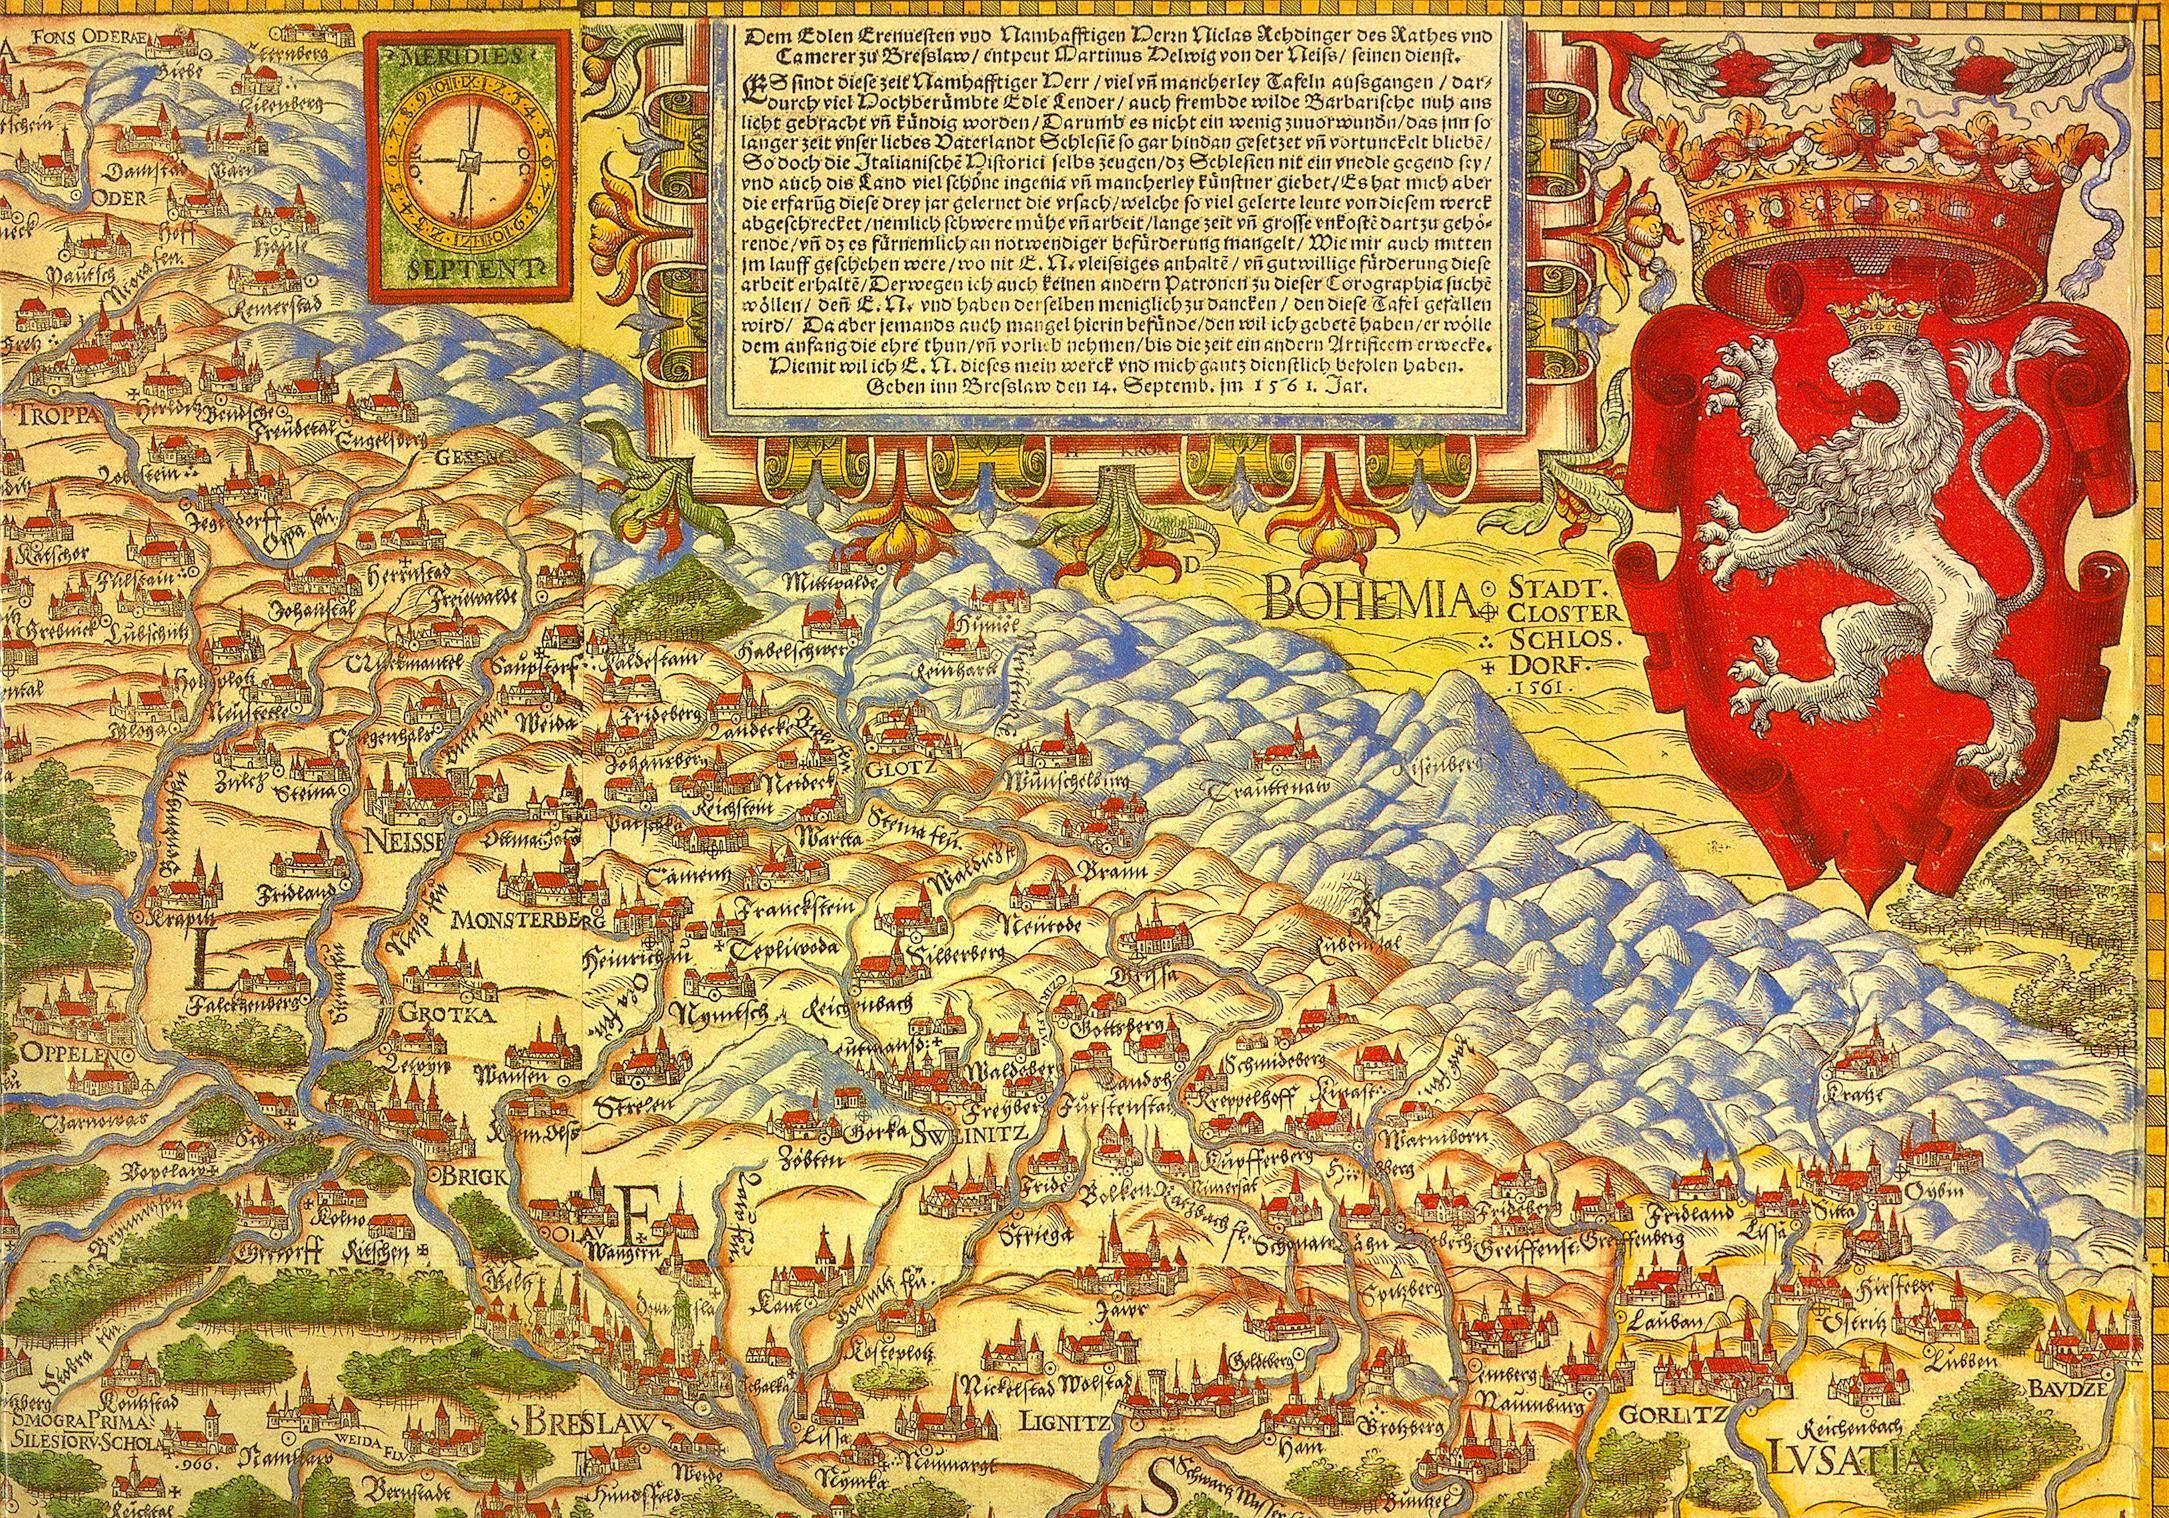 landkarte schlesien File:Landkarte von Schlesien.   Wikipedia landkarte schlesien